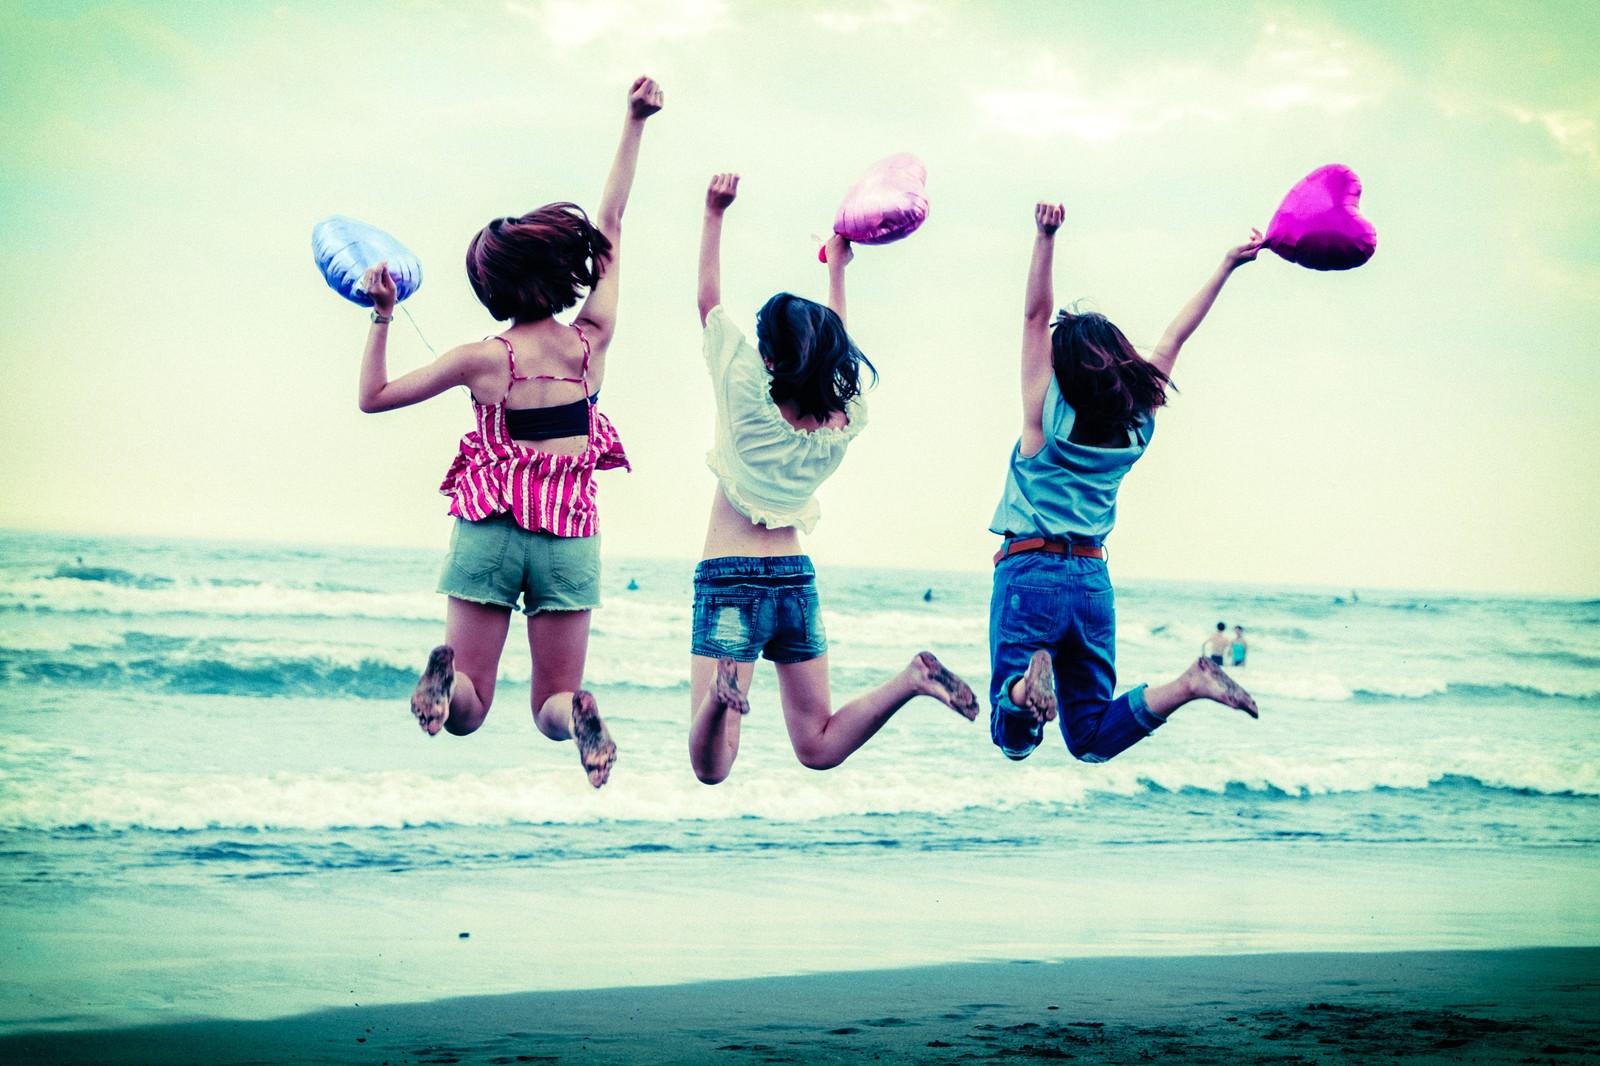 「砂浜ジャンプ女子」の写真